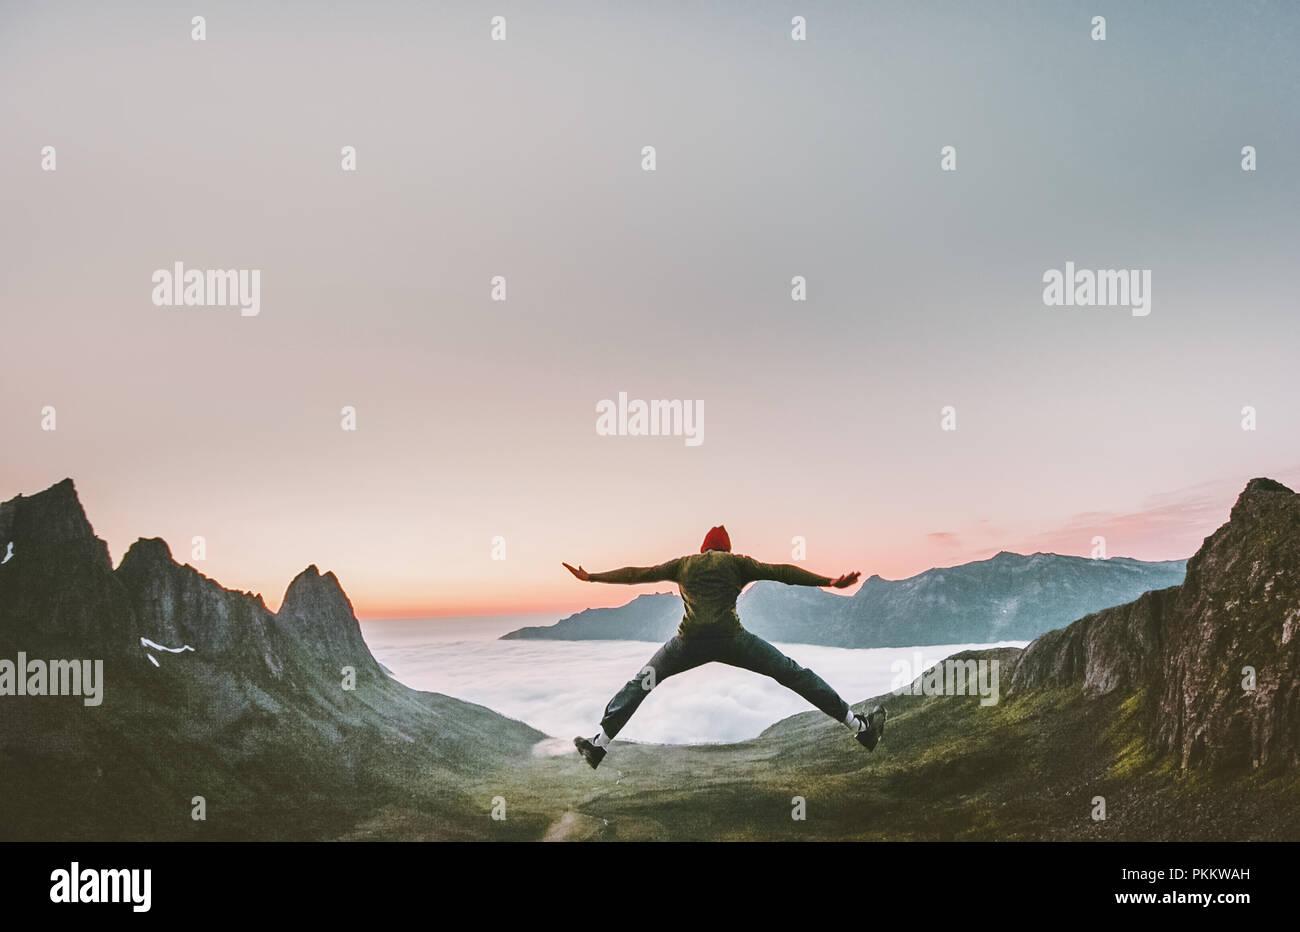 Hombre feliz saltando en Mountains Vacations Viajes concepto de aventura al aire libre en el estilo de vida activo éxito motivación y diversión euforia emociones Imagen De Stock